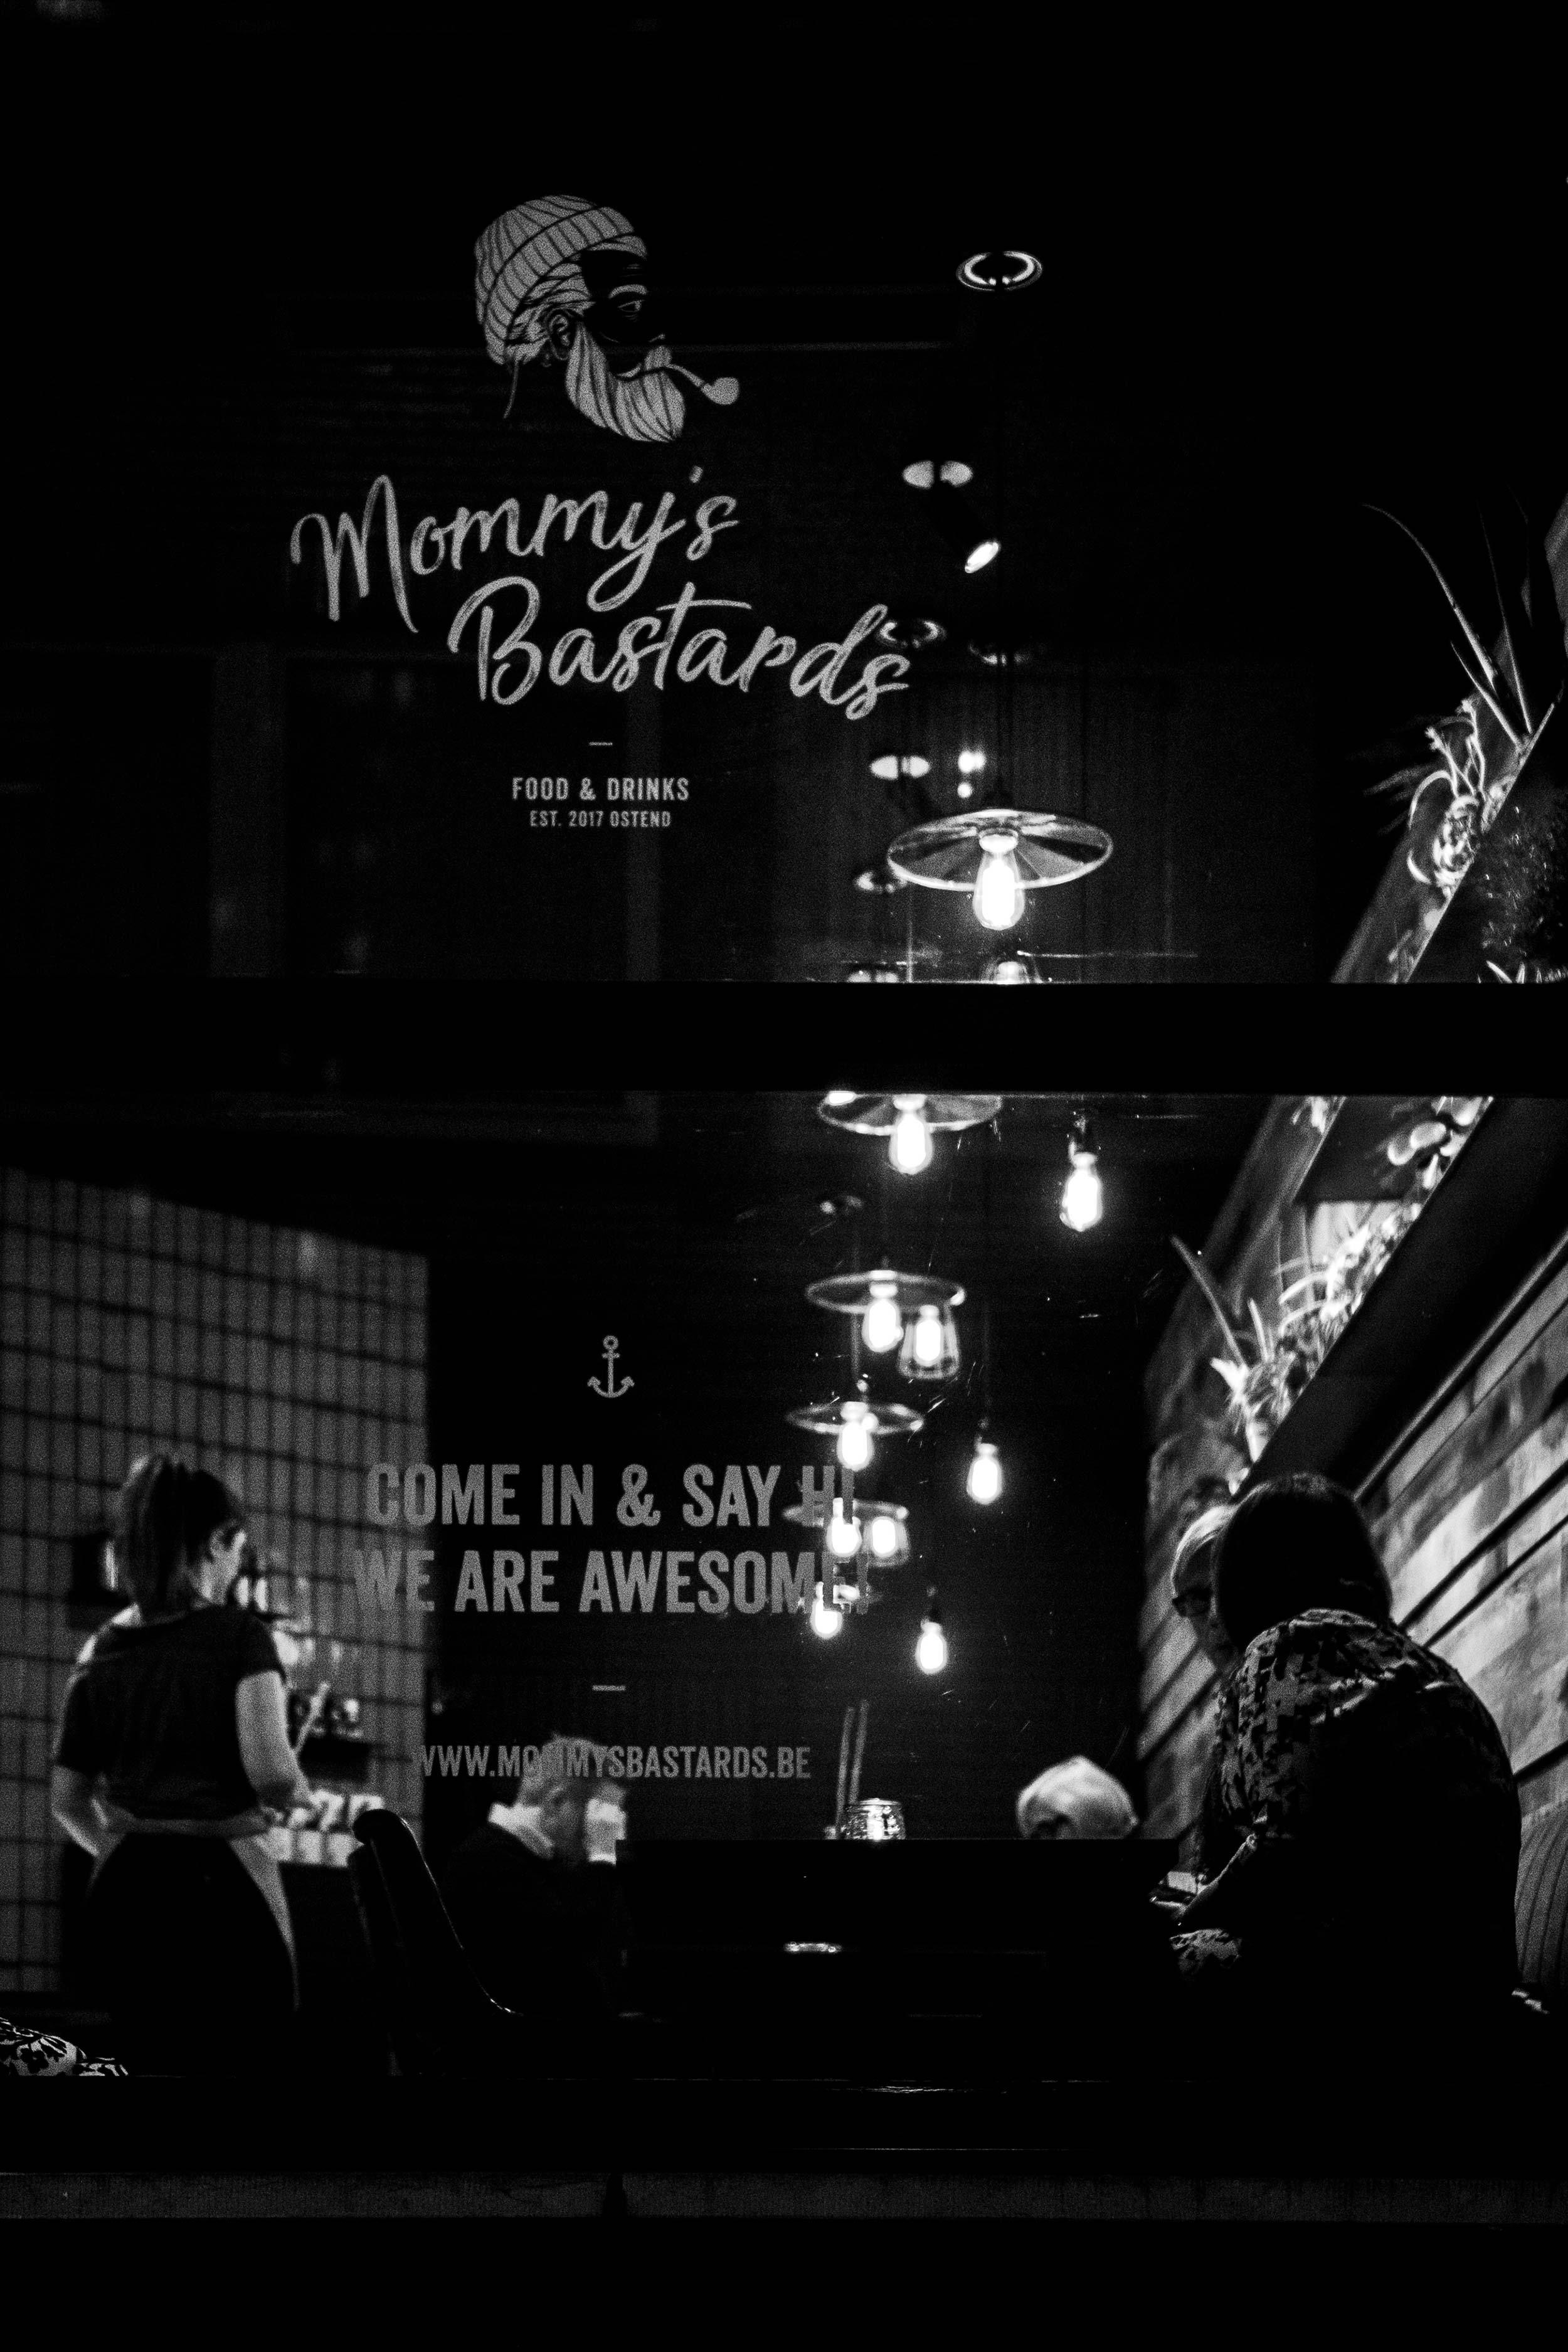 035-MommysBastards.jpg